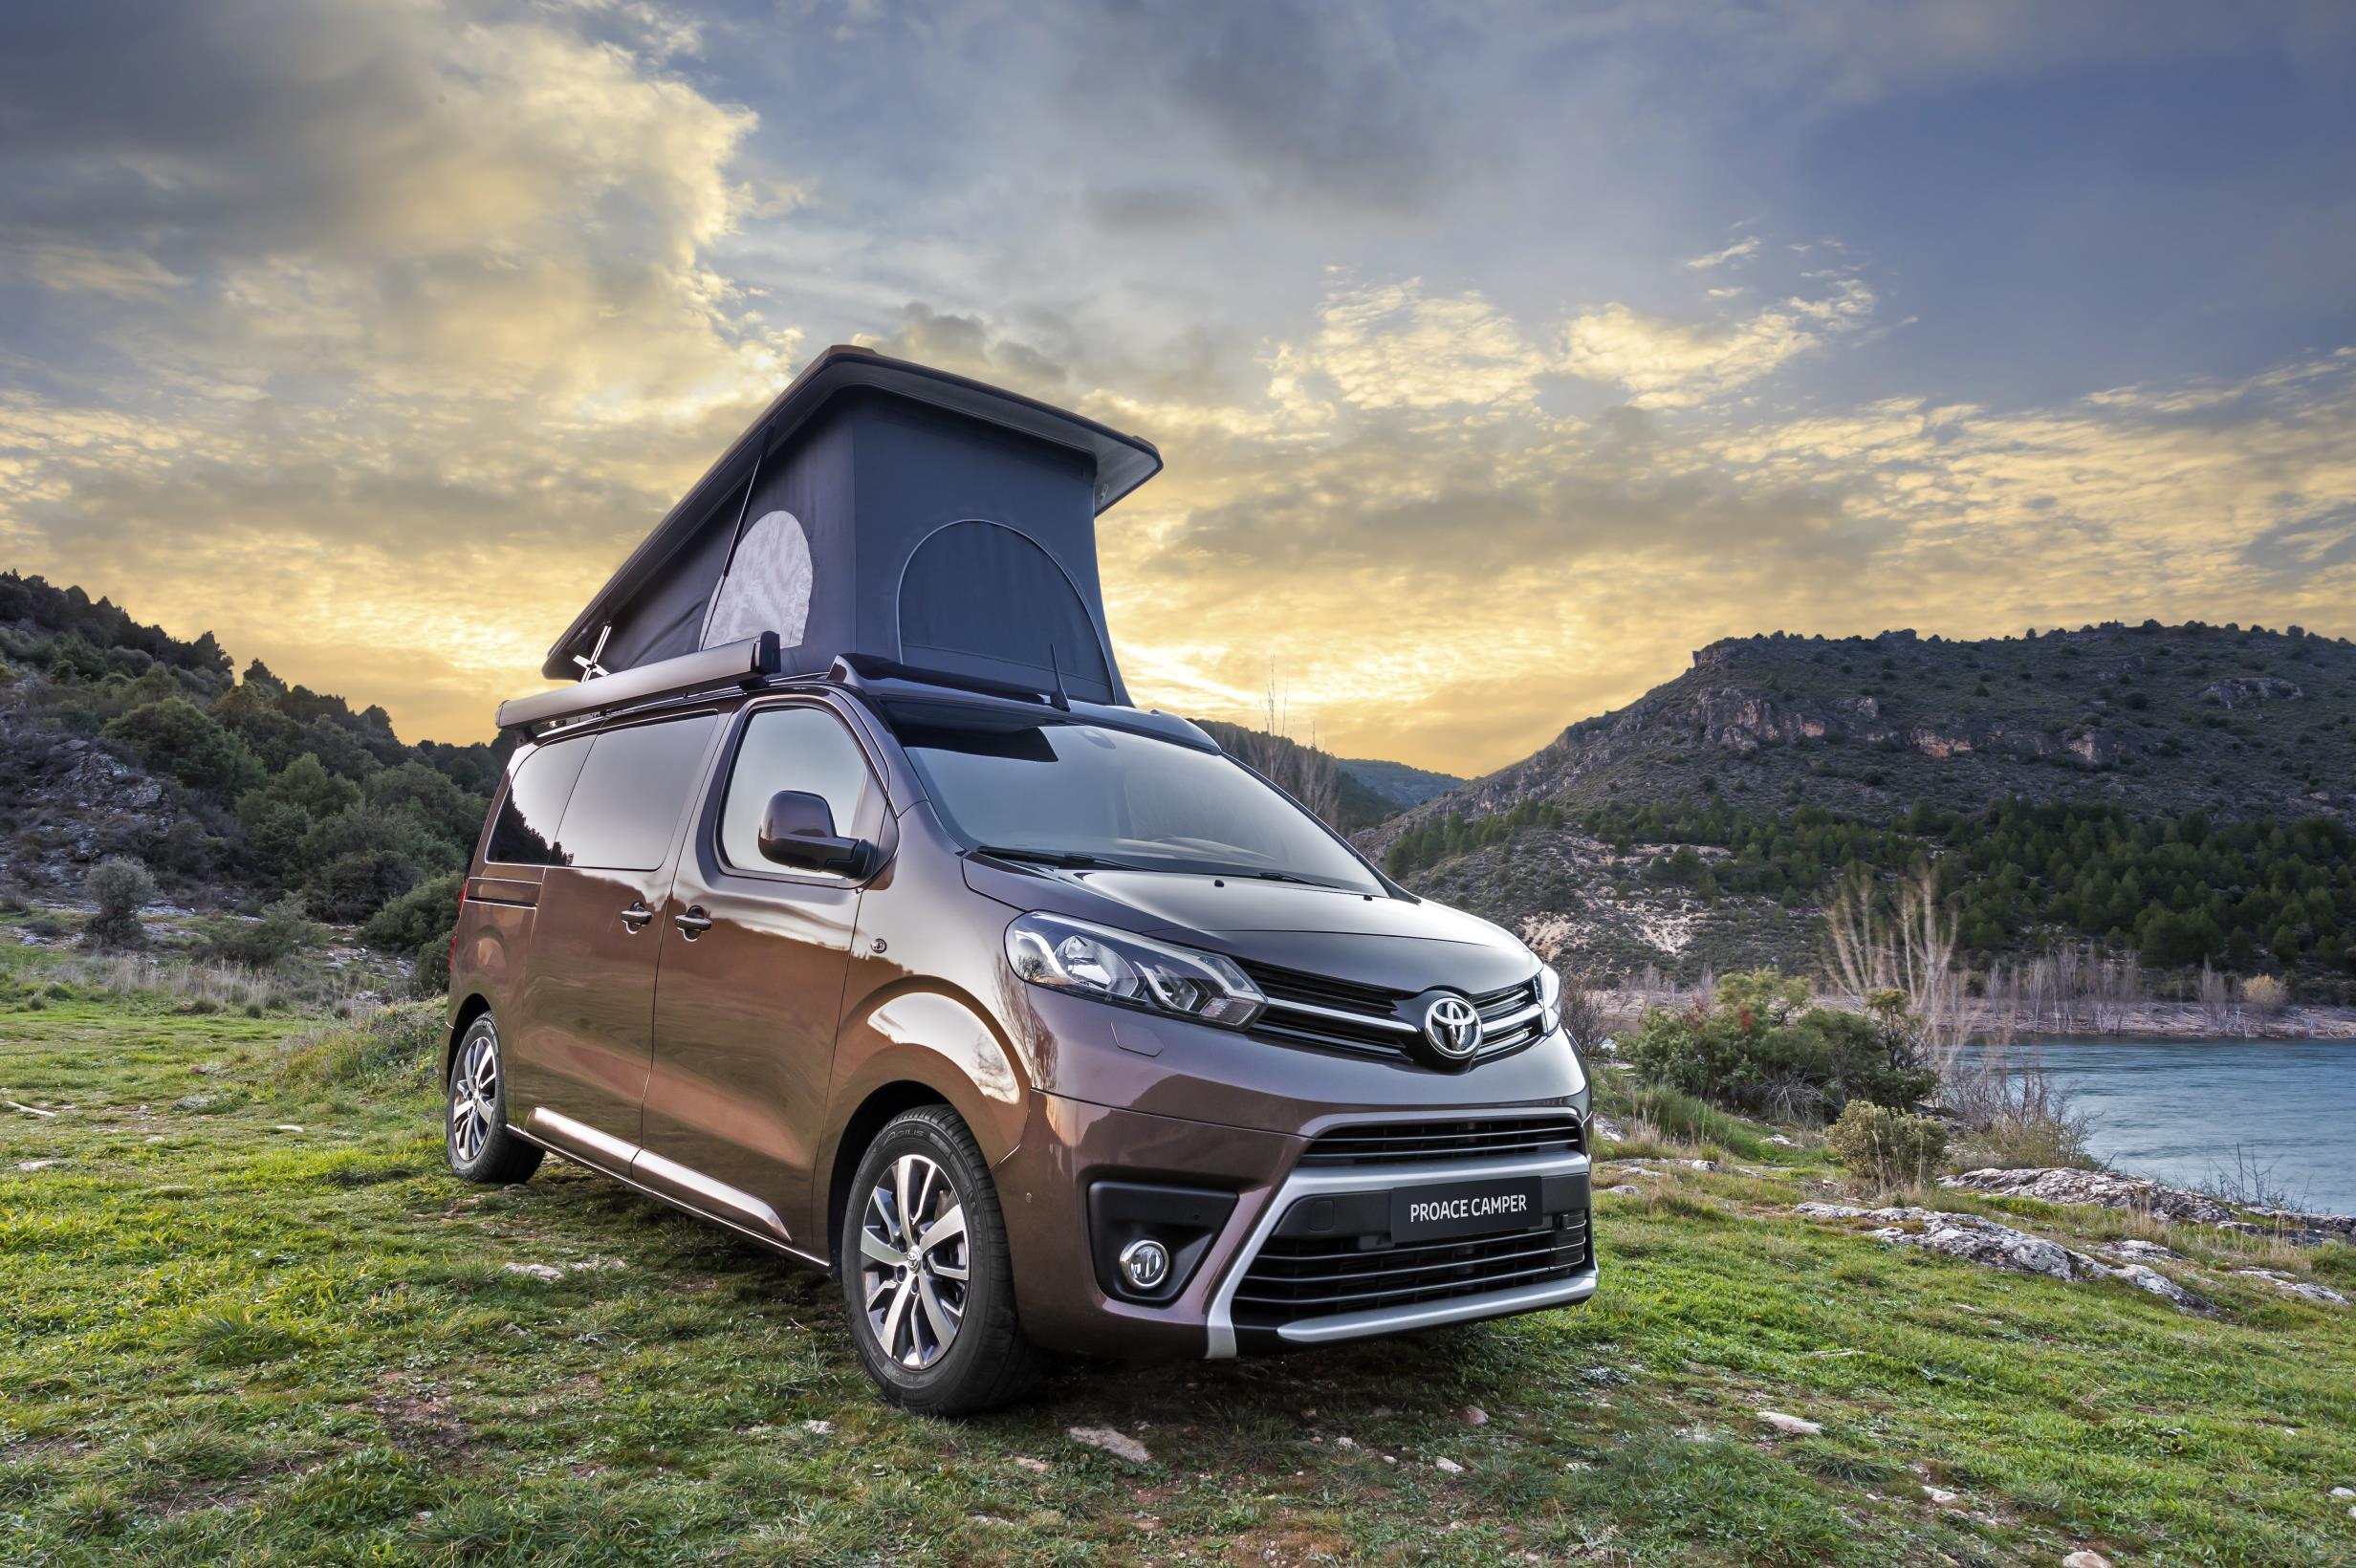 Toyota llança la versió més equipada del Proace Verso Camper